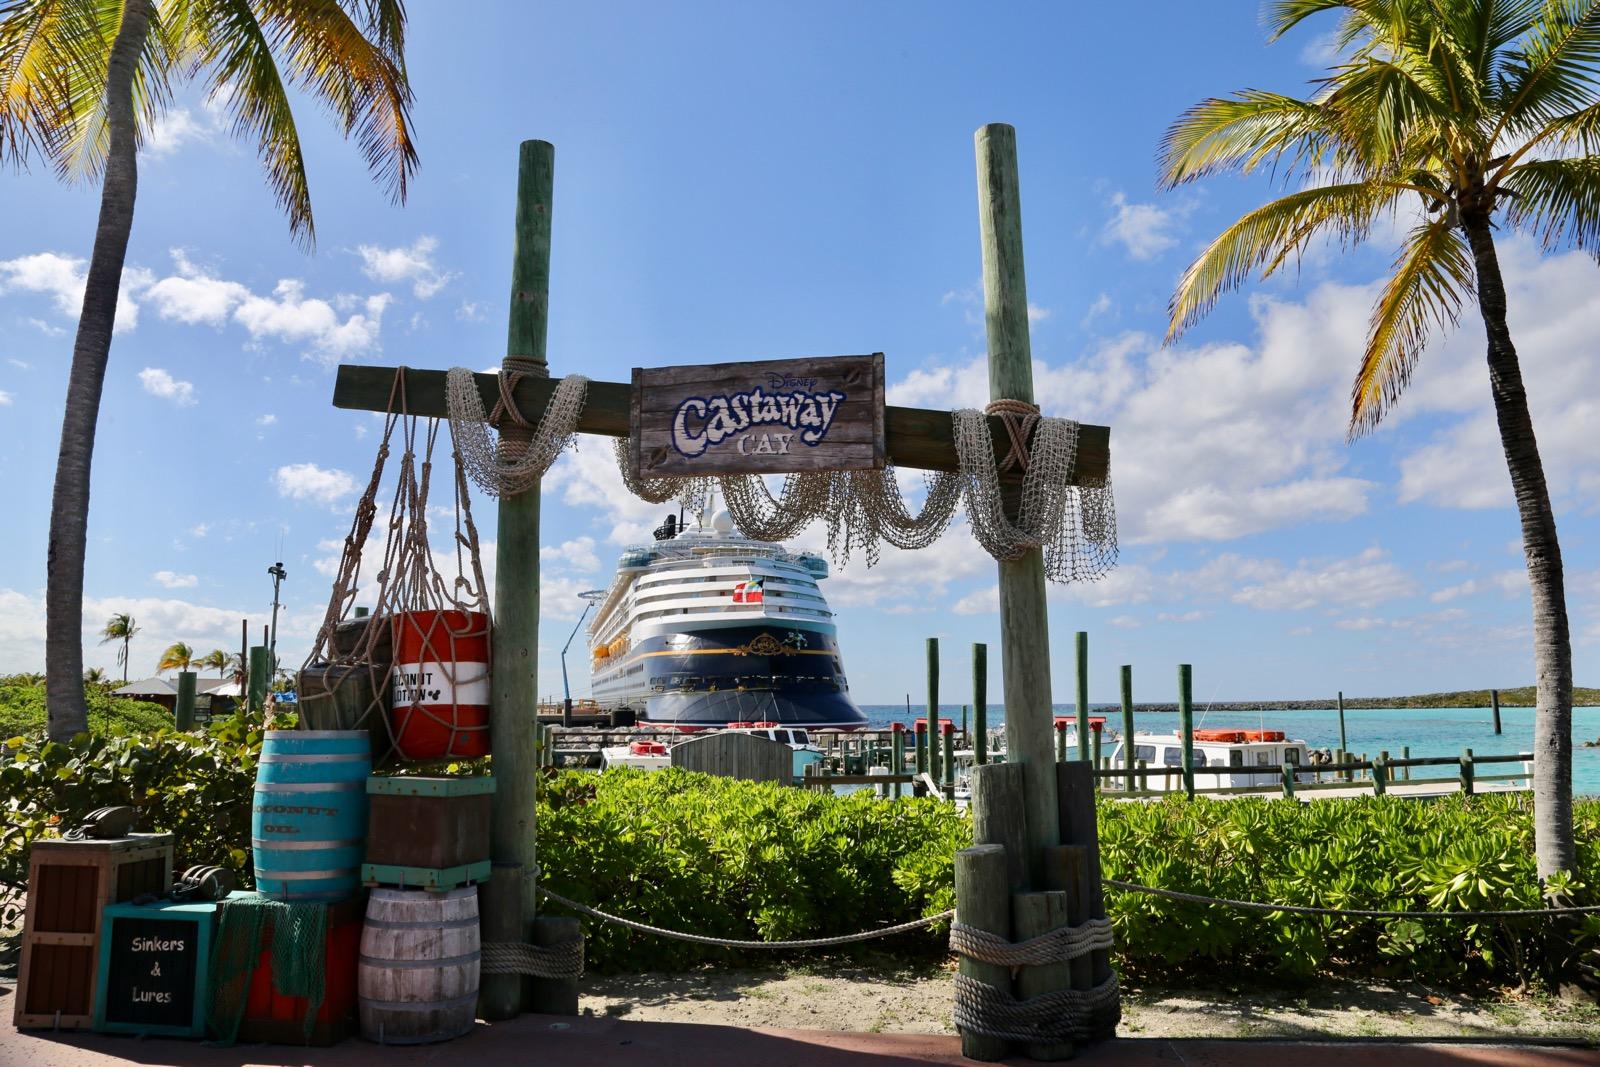 Castaway Cay La Isla Privada De Disney Sidisney